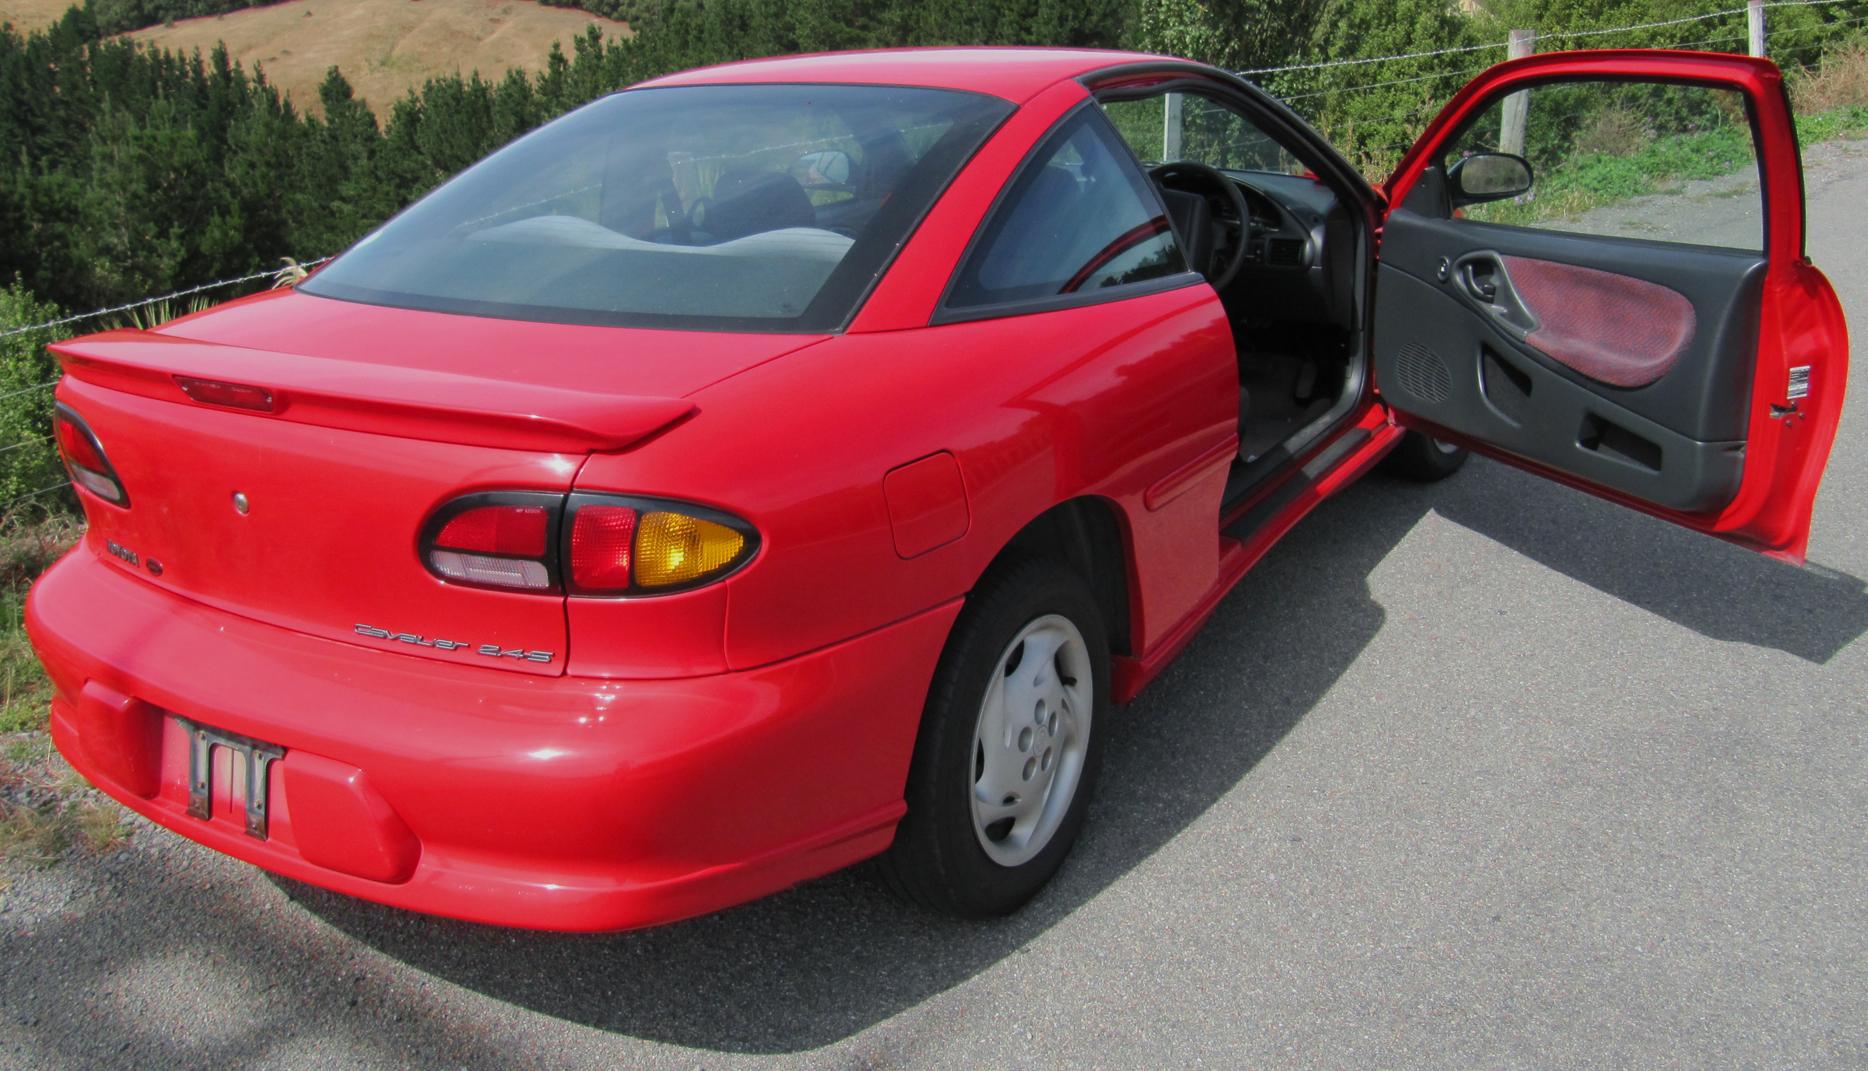 Chevrolet Cavalier III 1995 - 2005 Coupe #3